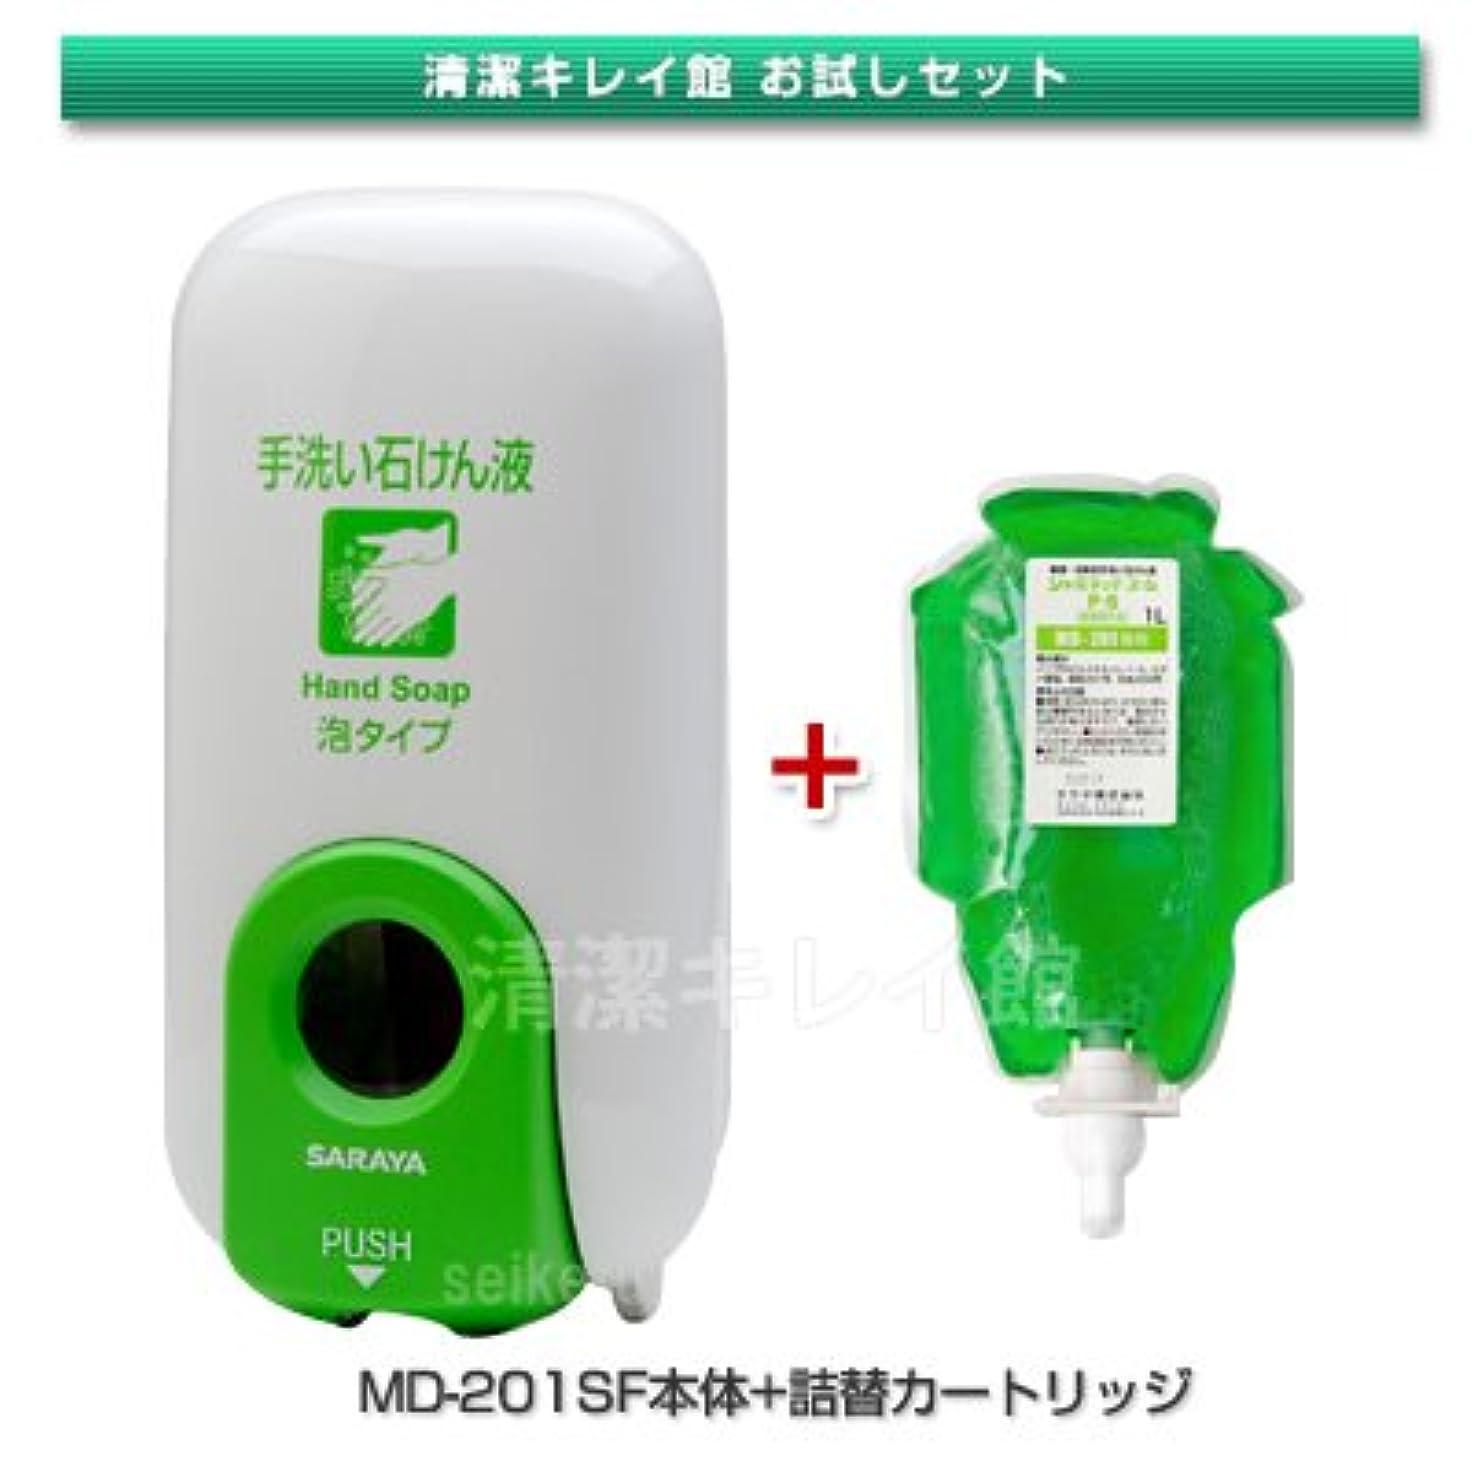 子チューリップ溶岩サラヤ プッシュ式石鹸液 MD-201SF(泡)【清潔キレイ館お試しセット】(本体とカートリッジ/ユムP-5)